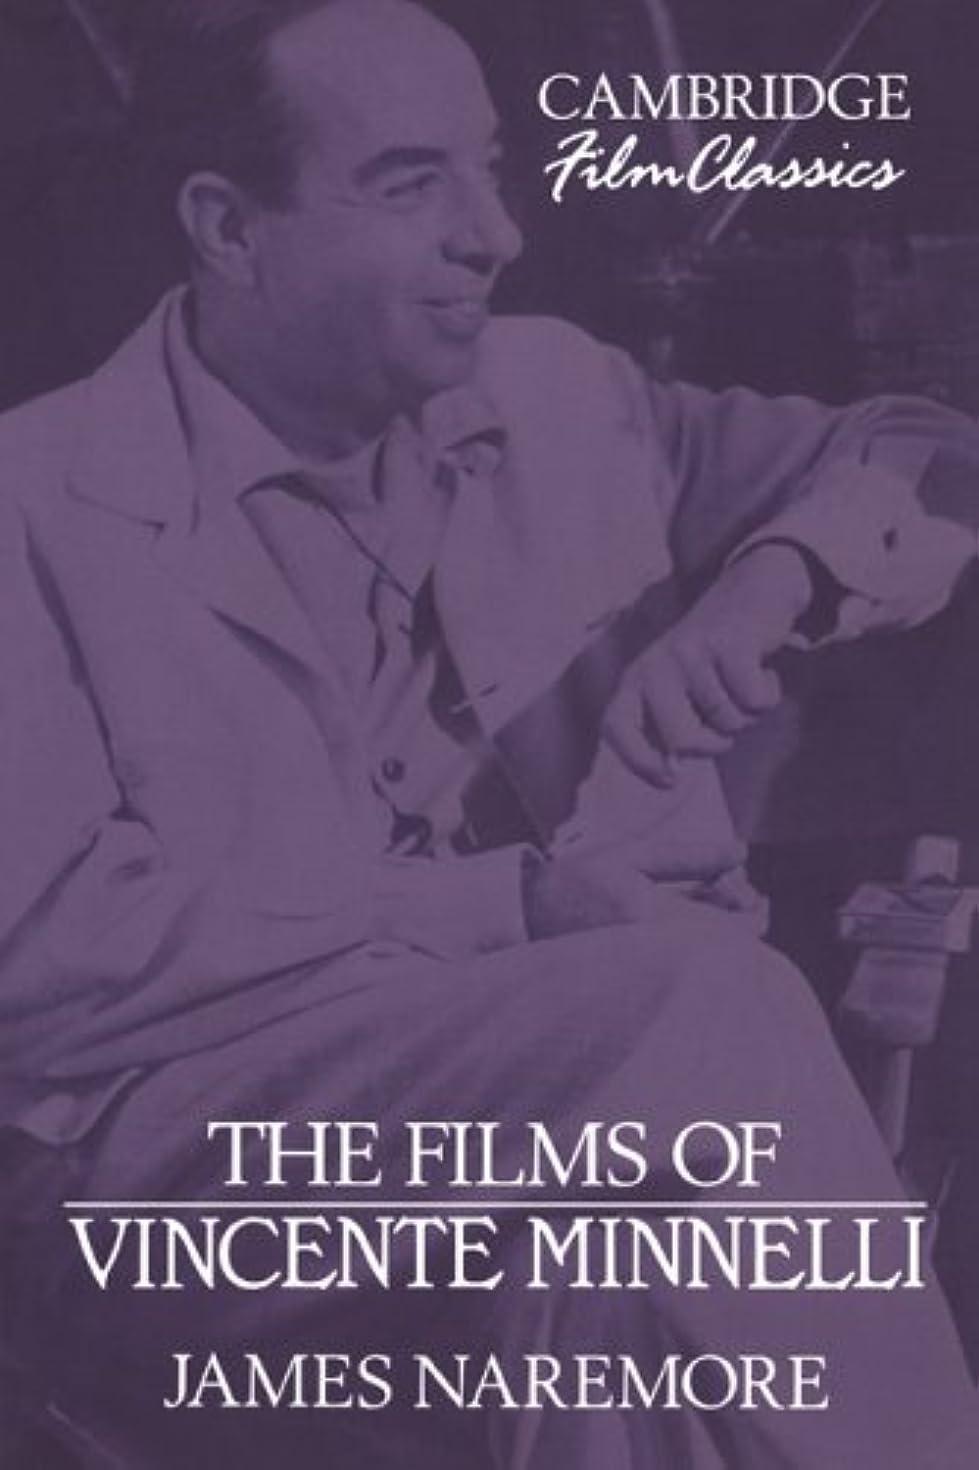 The Films of Vincente Minnelli (Cambridge Film Classics)